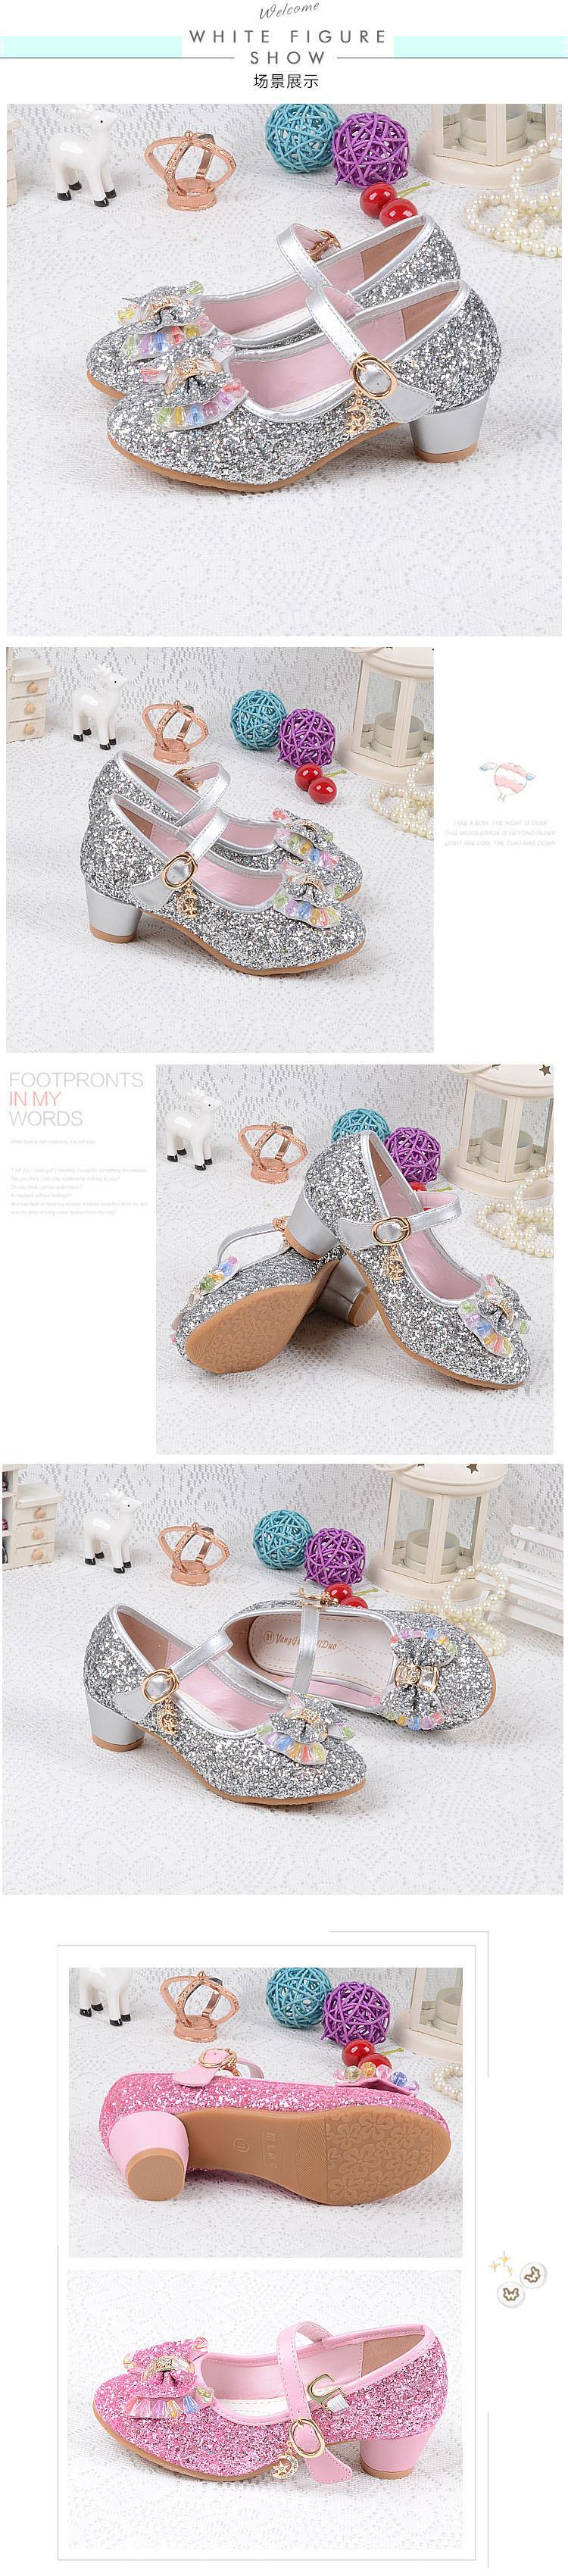 Children s Sequins Shoes Enfants 2016 Baby Girls Wedding Princess ... 745c0a5ca4d5